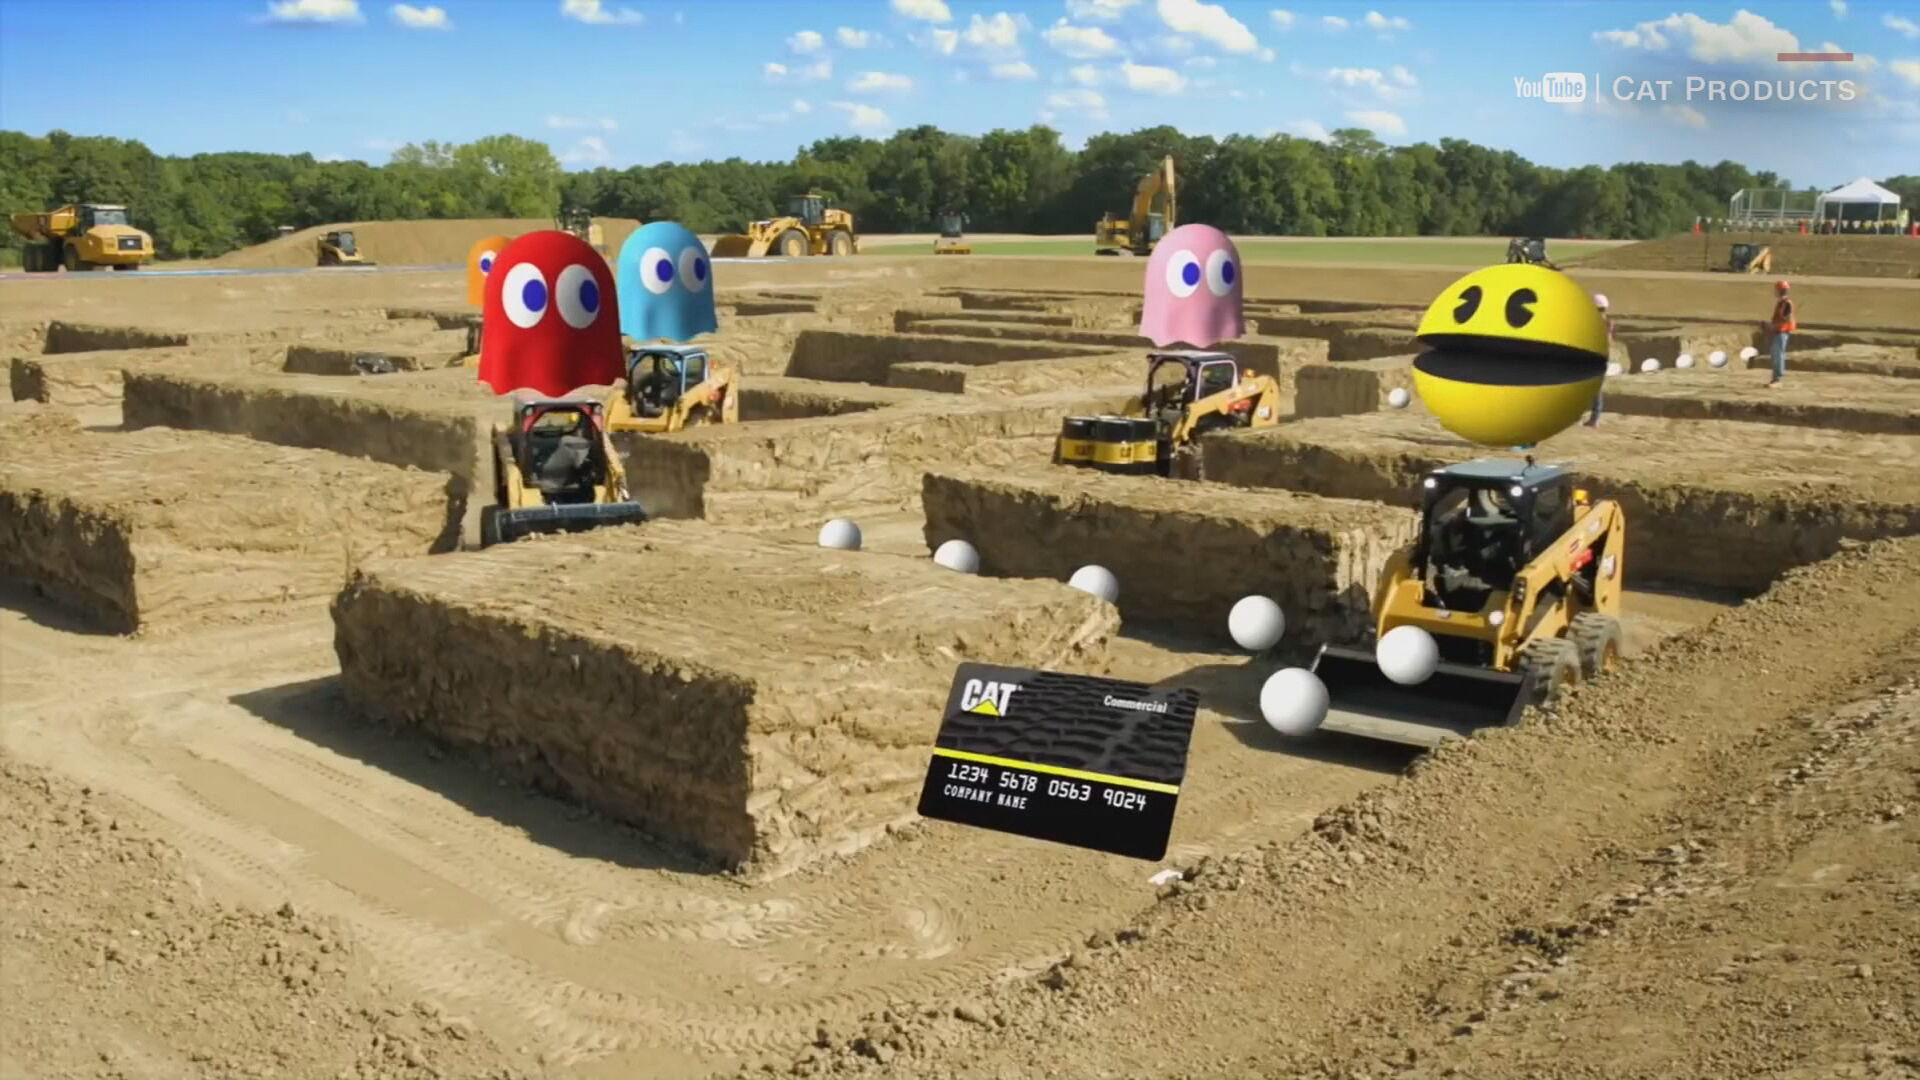 Empresa cria labirinto gigante inspirado no game 'Pac-Man'